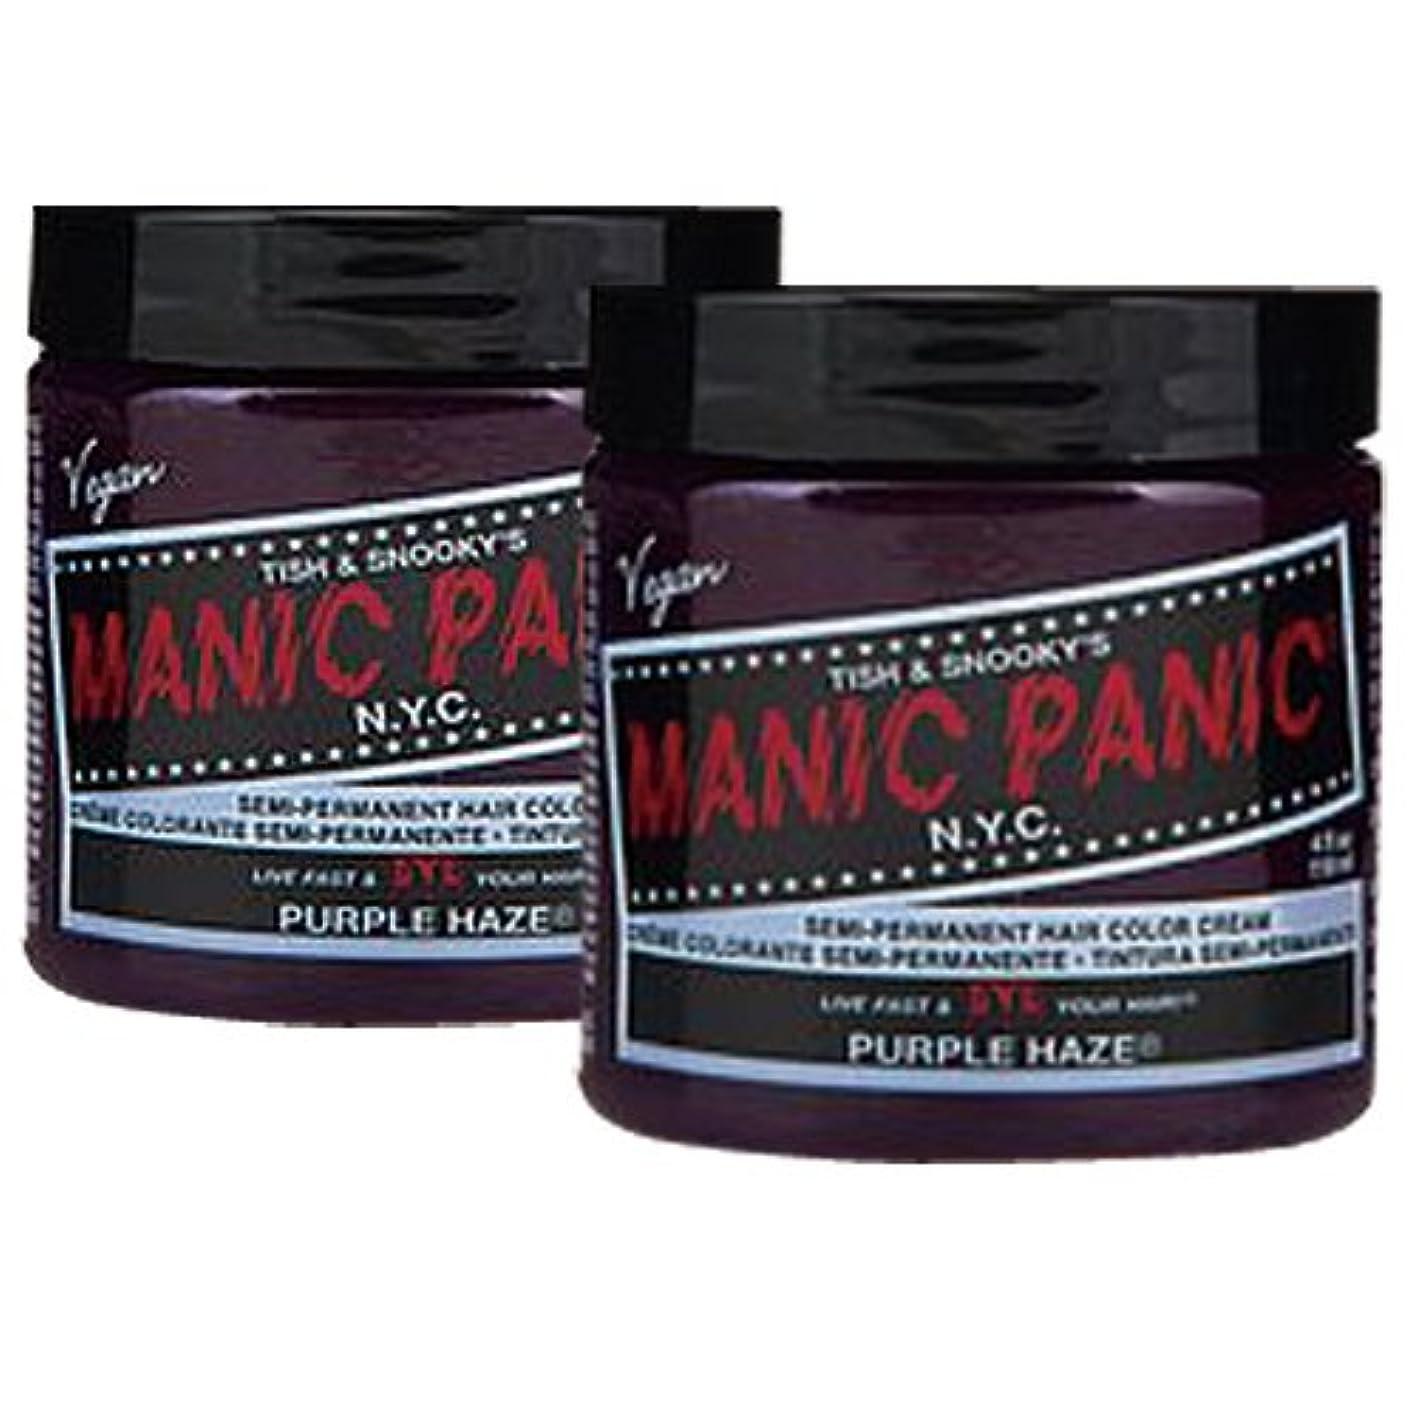 落胆したビヨンブースト【2個セット】MANIC PANIC マニックパニック Purple Haze パープルヘイズ 118m